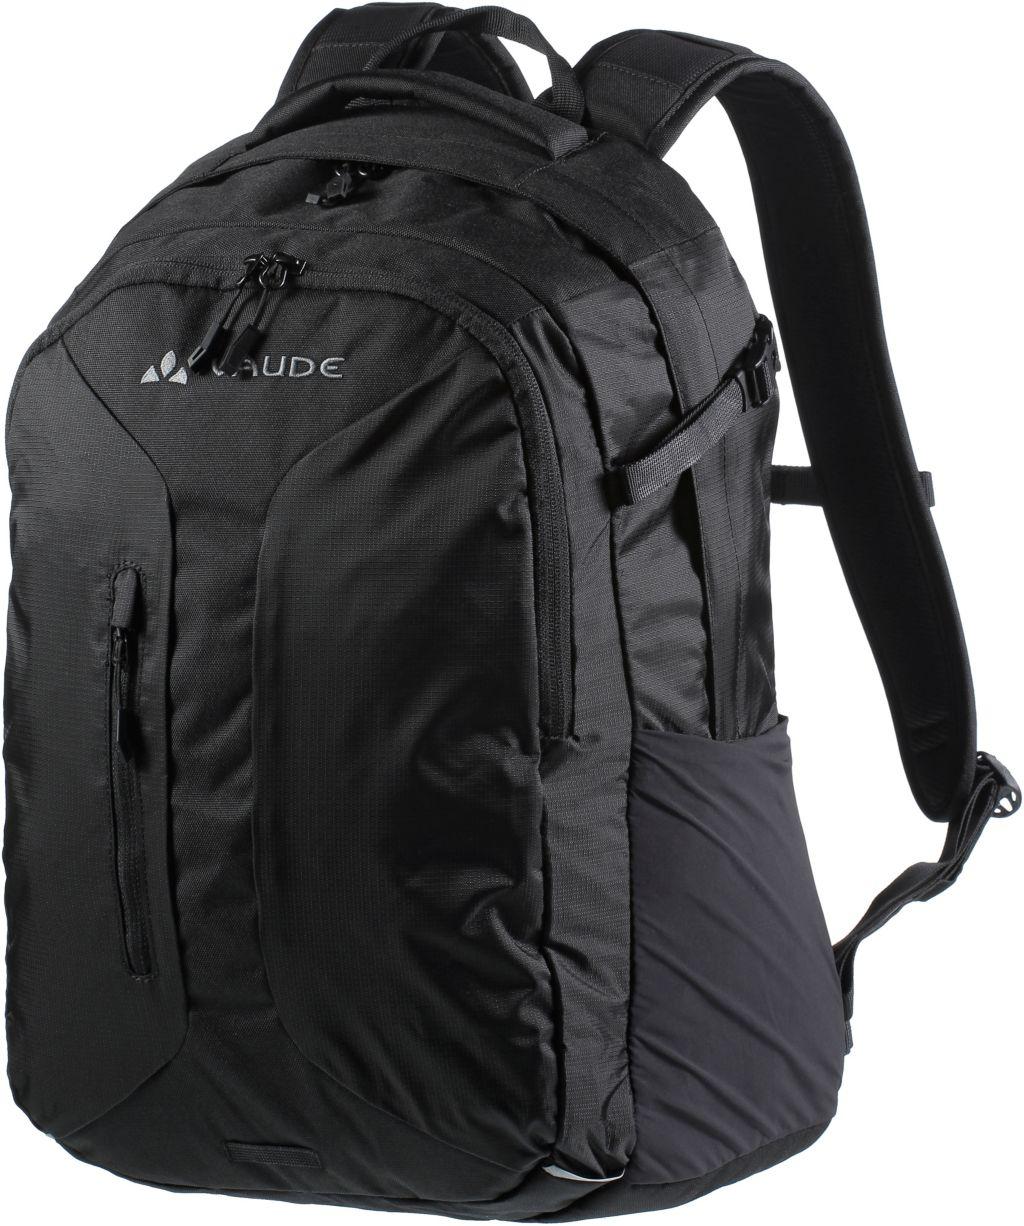 Tecoday II 25 Daypack in schwarz